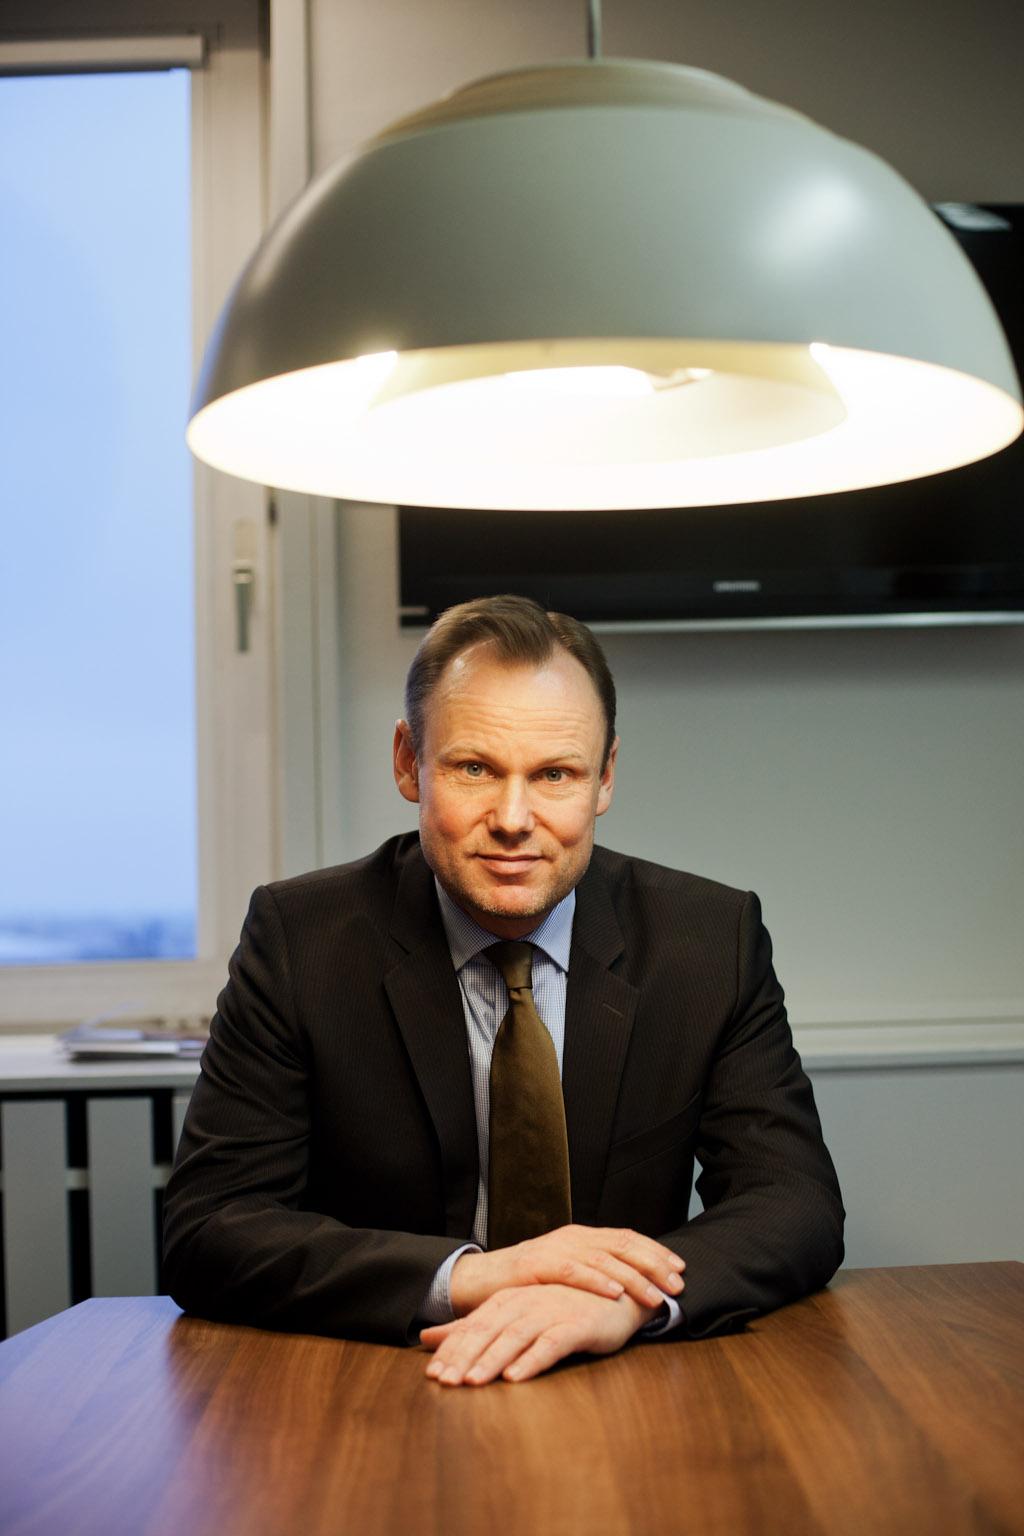 Andy Grote 2014 bei einem Gespräch mit dem STADTLICHH Magazin. Damals war er Bezirksamtsleiter Hamburg-Mitte  (c) Roeler / roeler.com